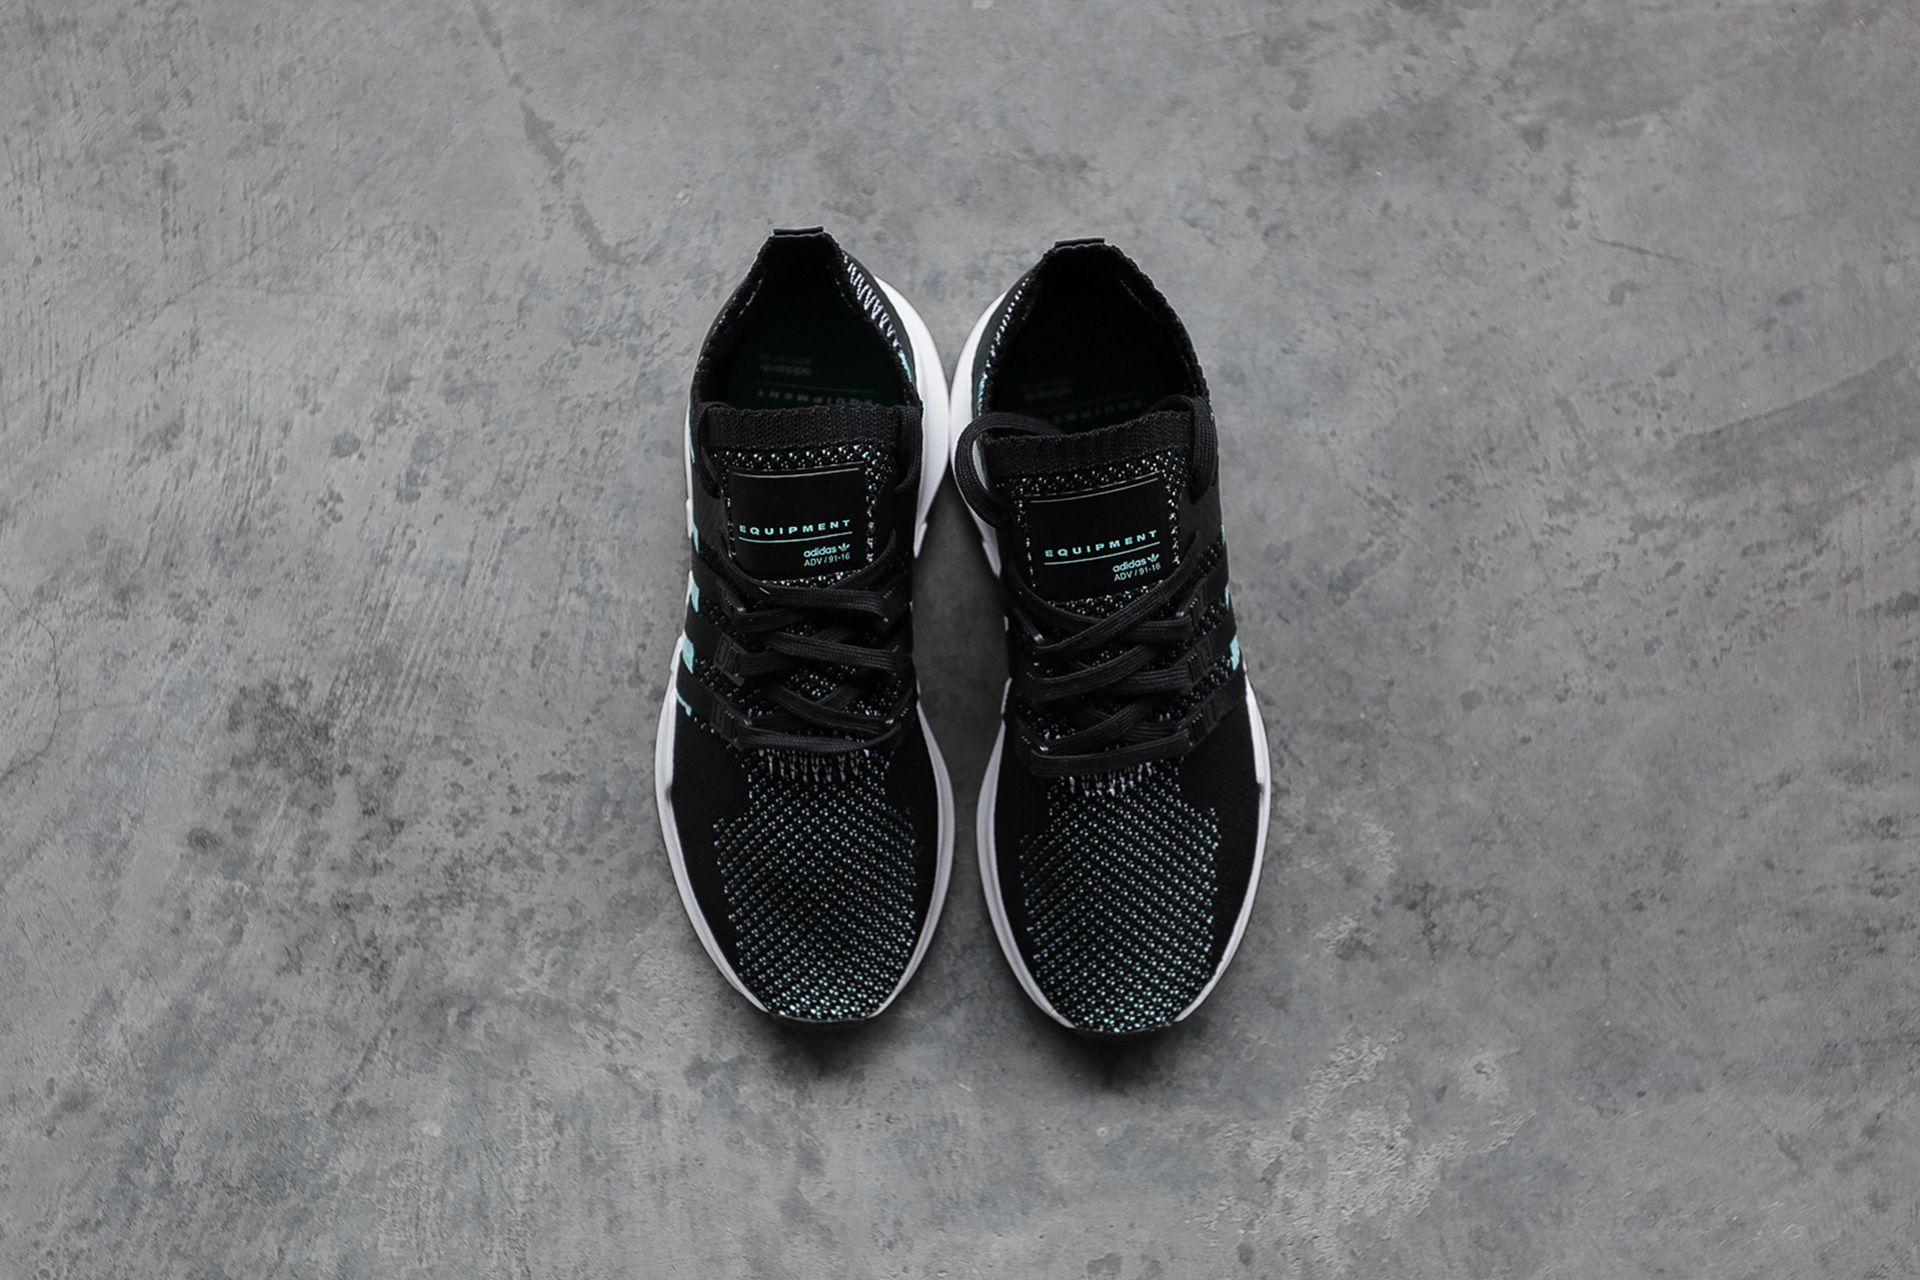 ... Купить женские черные кроссовки adidas Originals EQT Support ADV PK W -  фото 2 картинки ... 105b61a1fd3